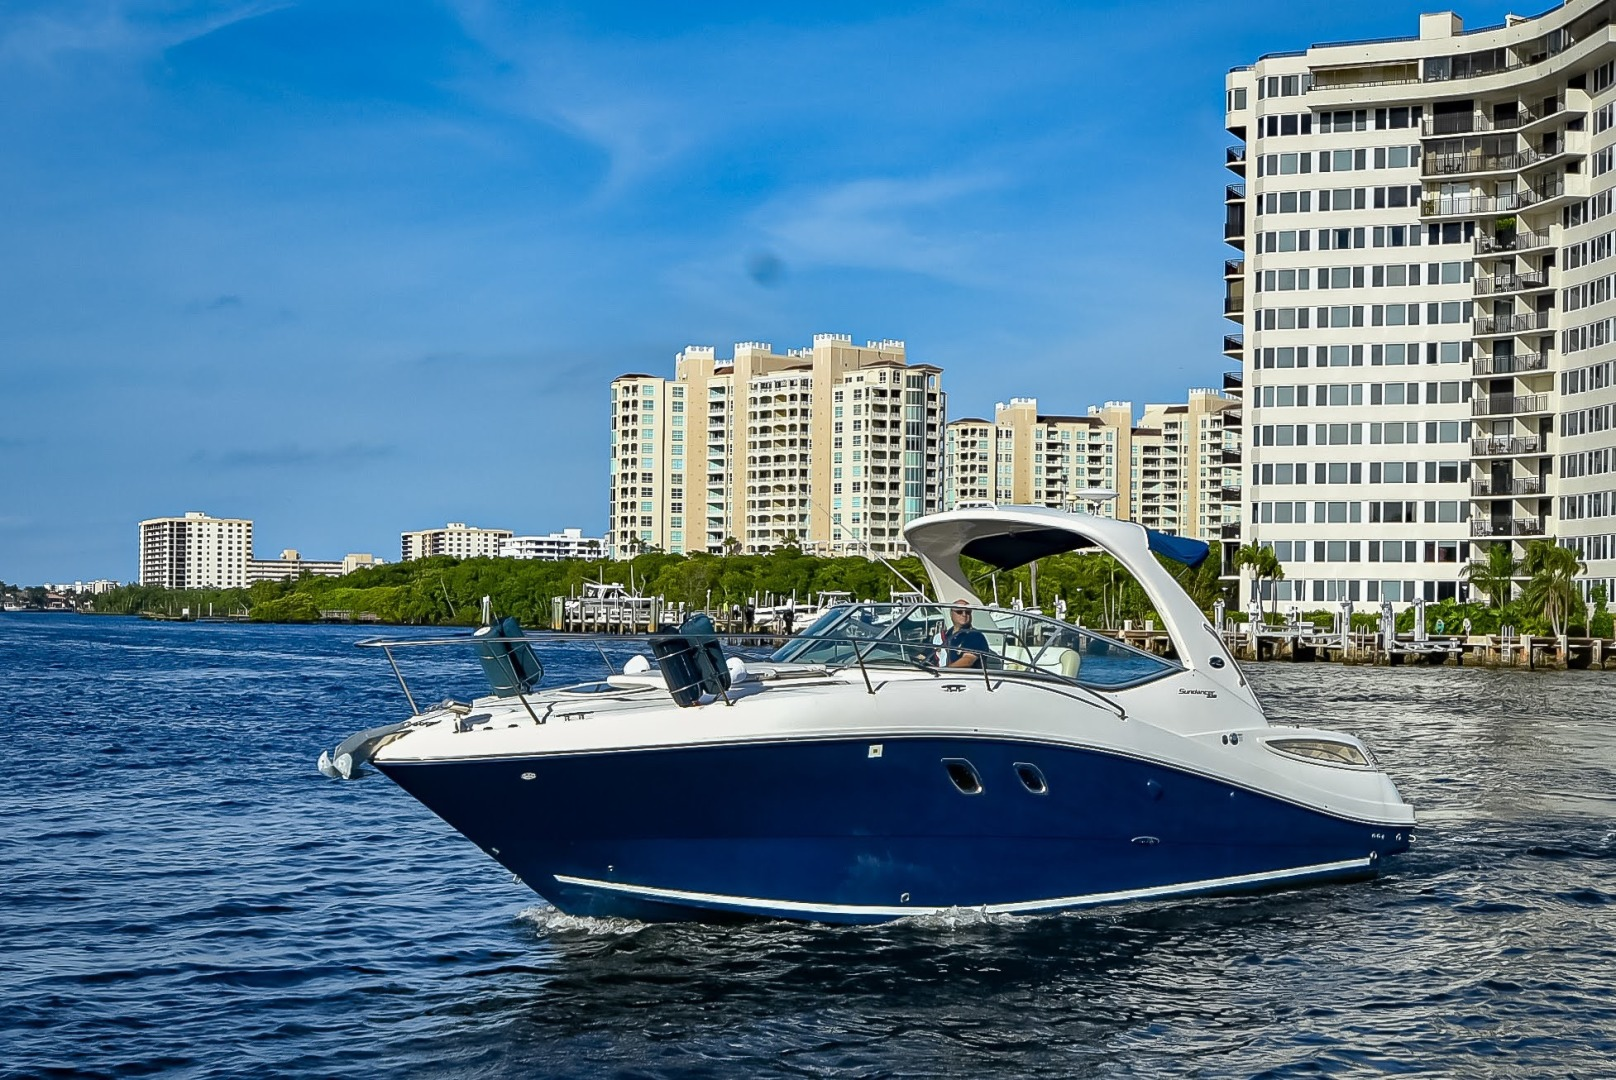 Sea Ray-330 Sundancer 2013-Sea E O Ready Boca Raton-Florida-United States-33 Sea Ray 330 Sundancer-1633150 | Thumbnail